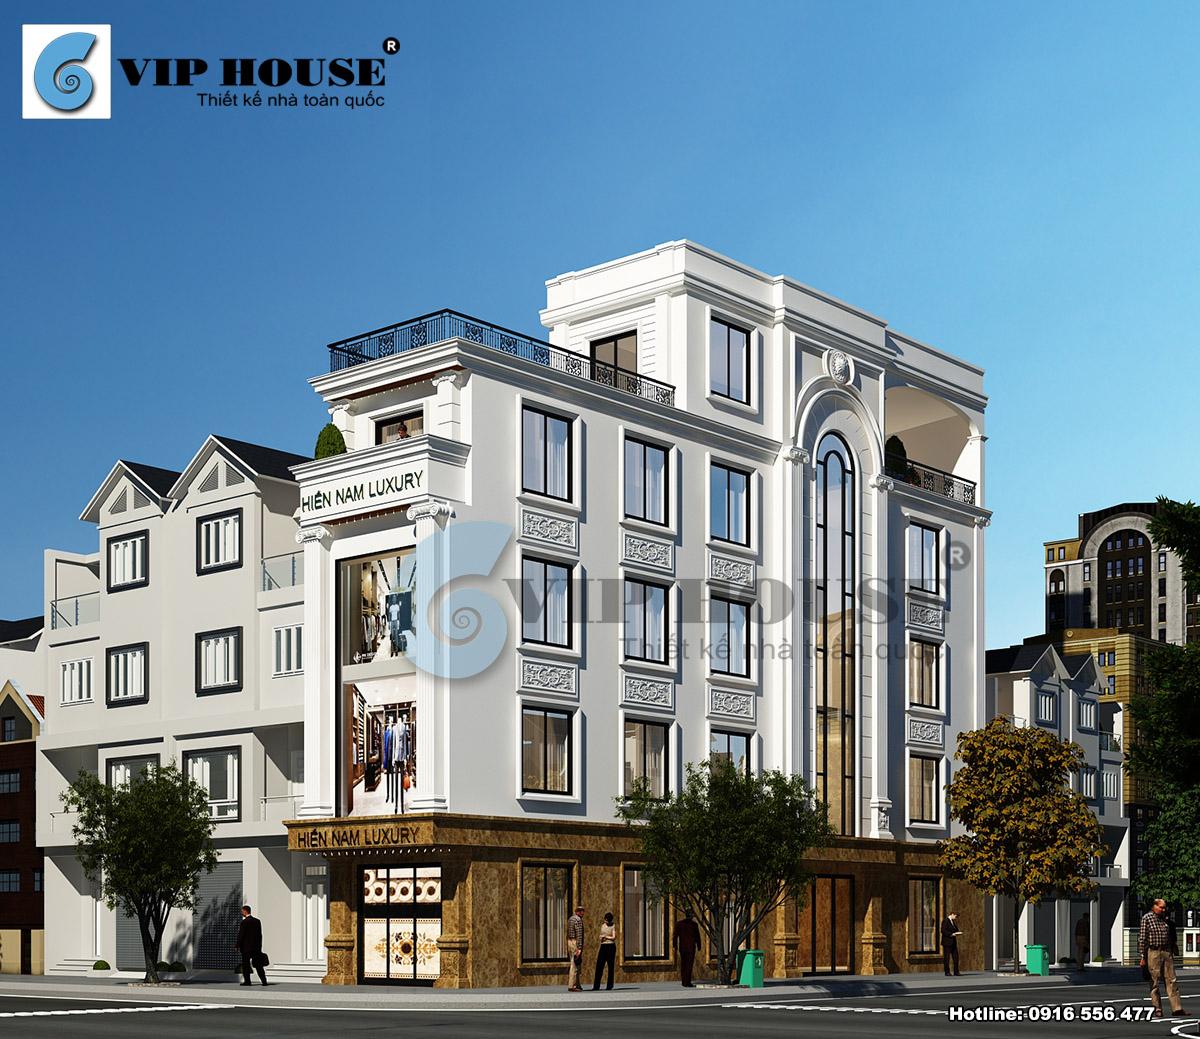 Hình ảnh: Mẫu thiết kế nhà phố tân cổ điển 2 mặt tiền kết hợp nhà ở và kinh doanh